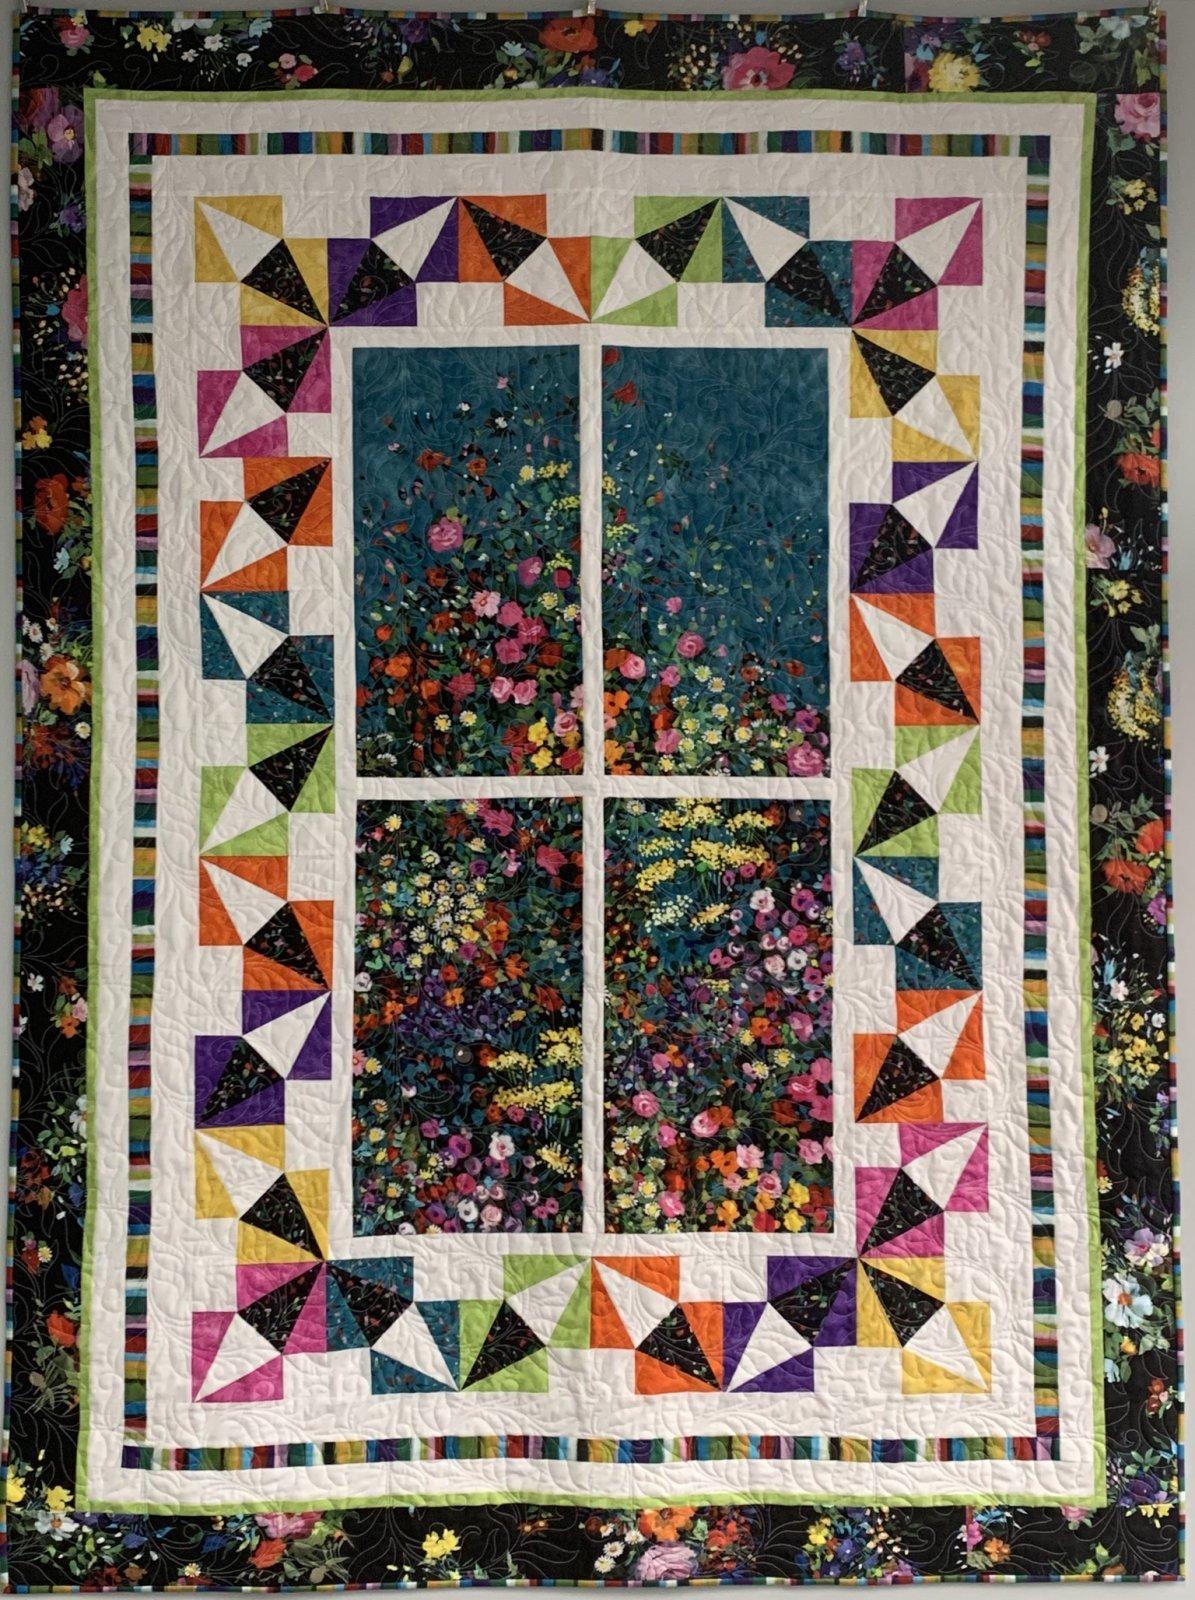 Garden View Quilt (53 x 71)